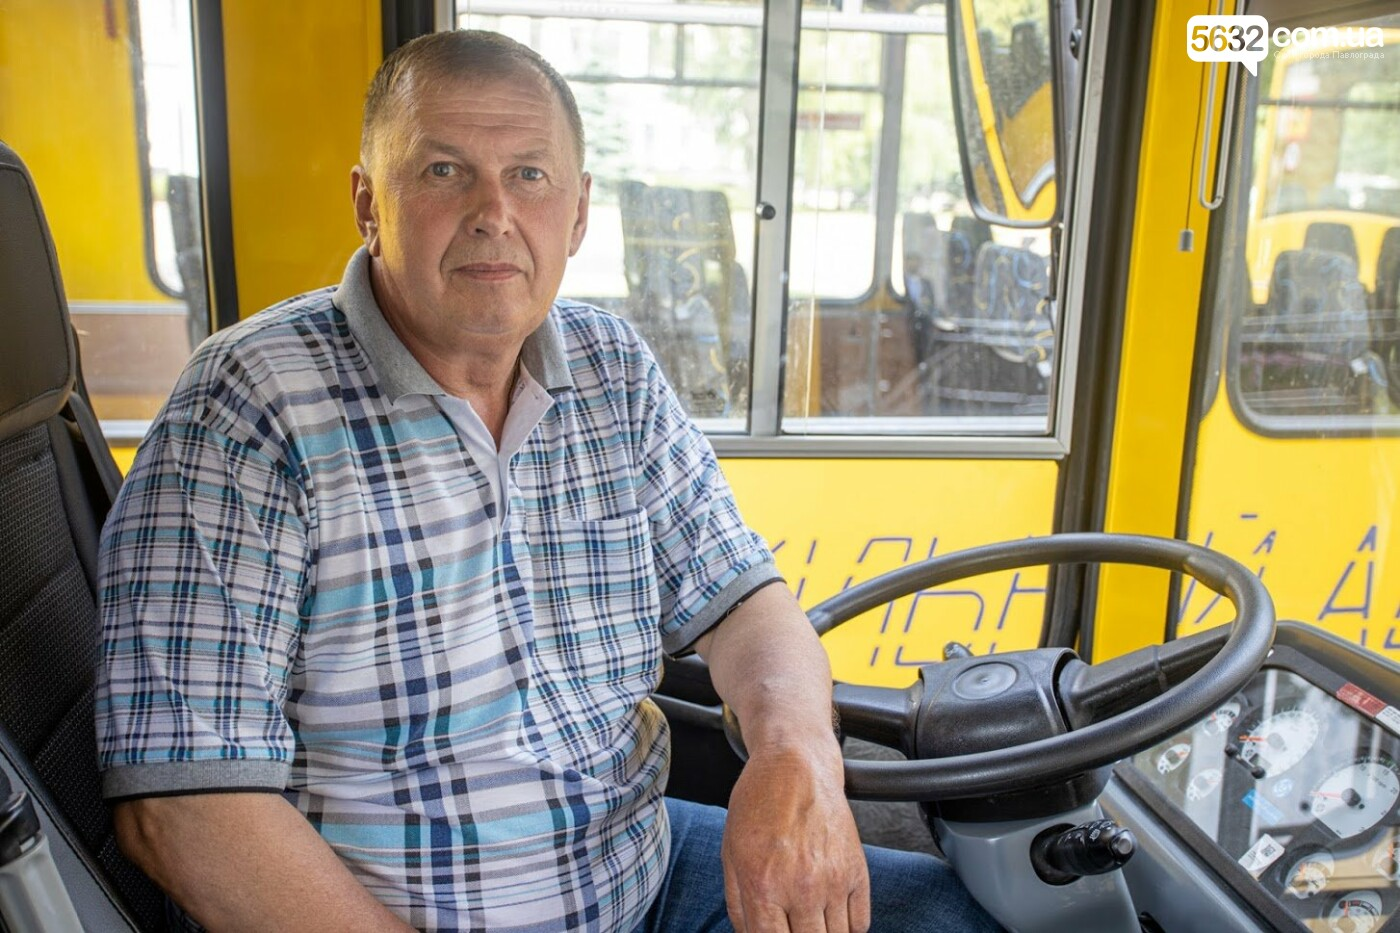 13 новых школьных автобусов отправились в сельские учебные учреждения Днепропетровщины (ФОТО), фото-6